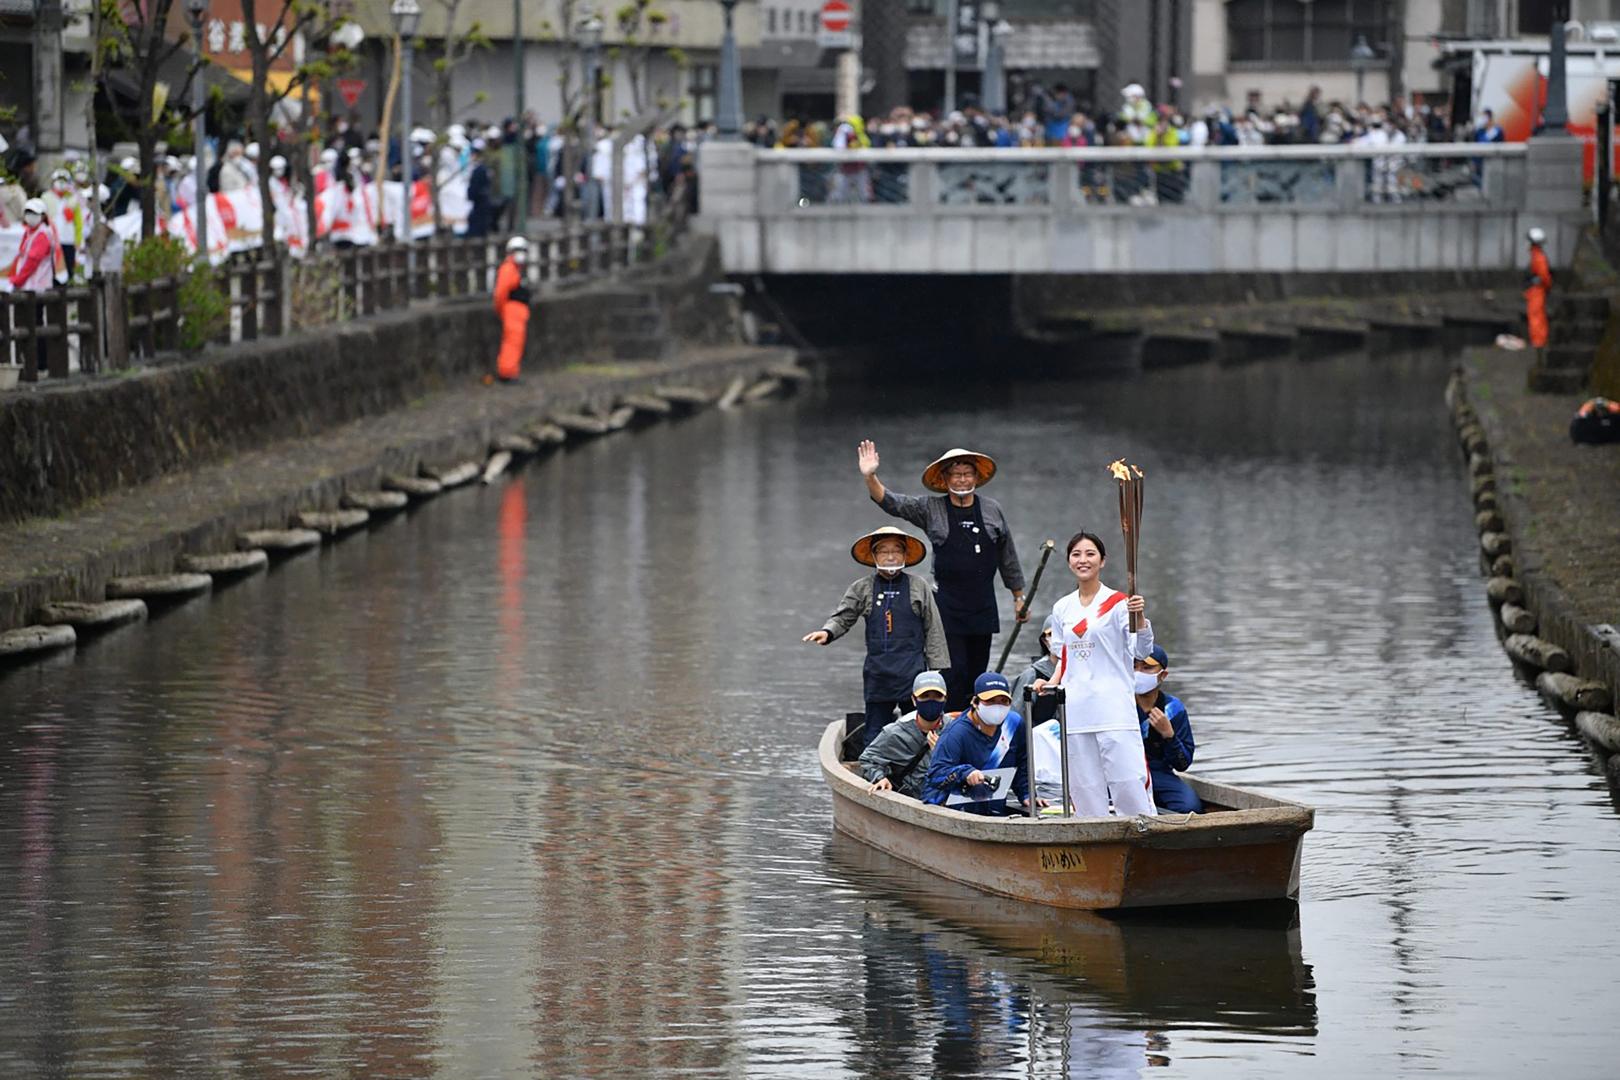 أوساكا تطلب إلغاء مسيرة الشعلة الأولمبية في شوارعها